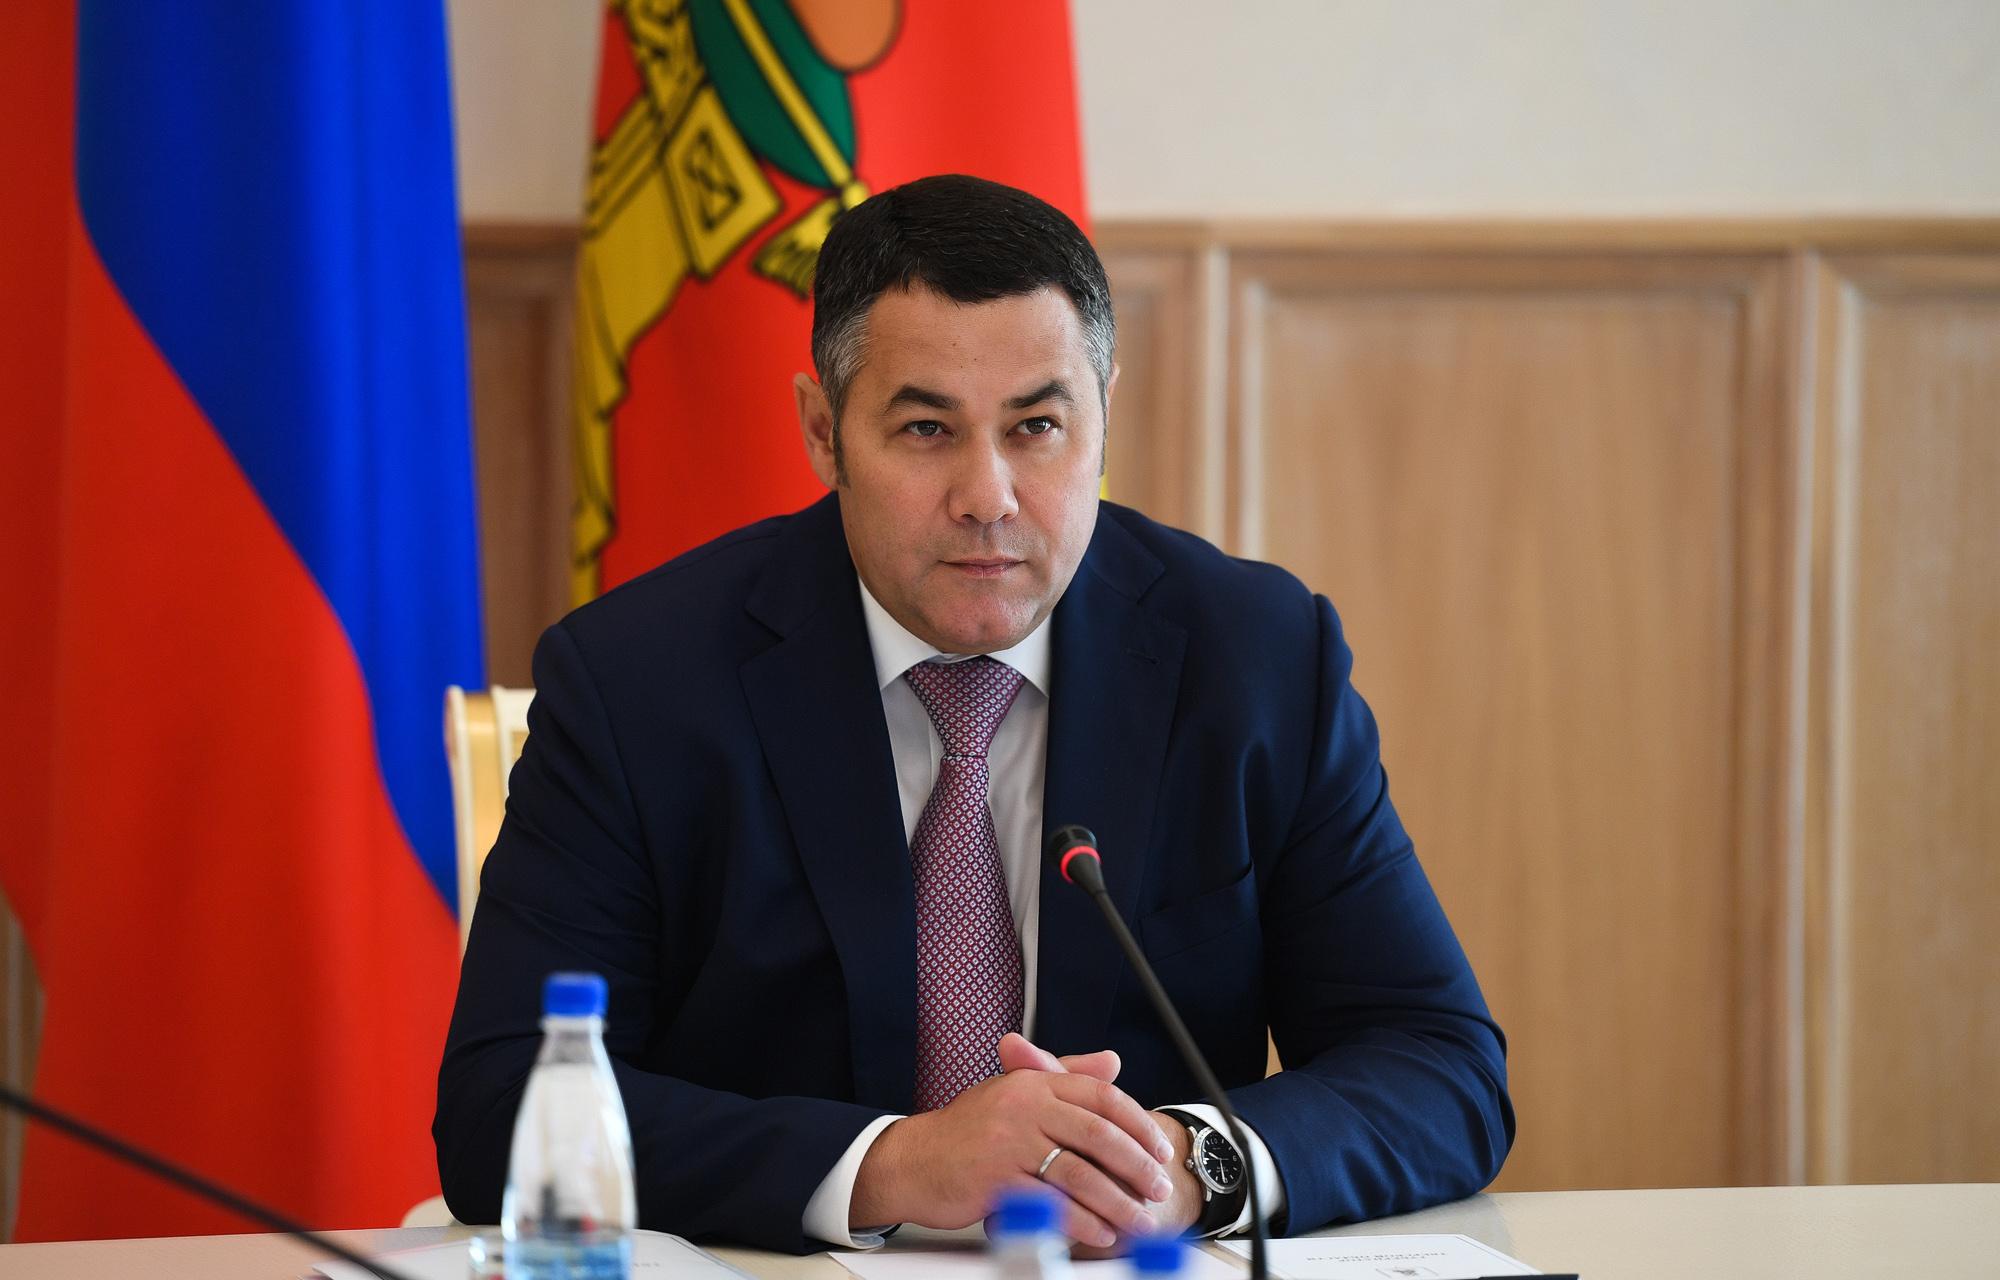 Более 80 крупных инвестпроектов реализуют в Тверской области